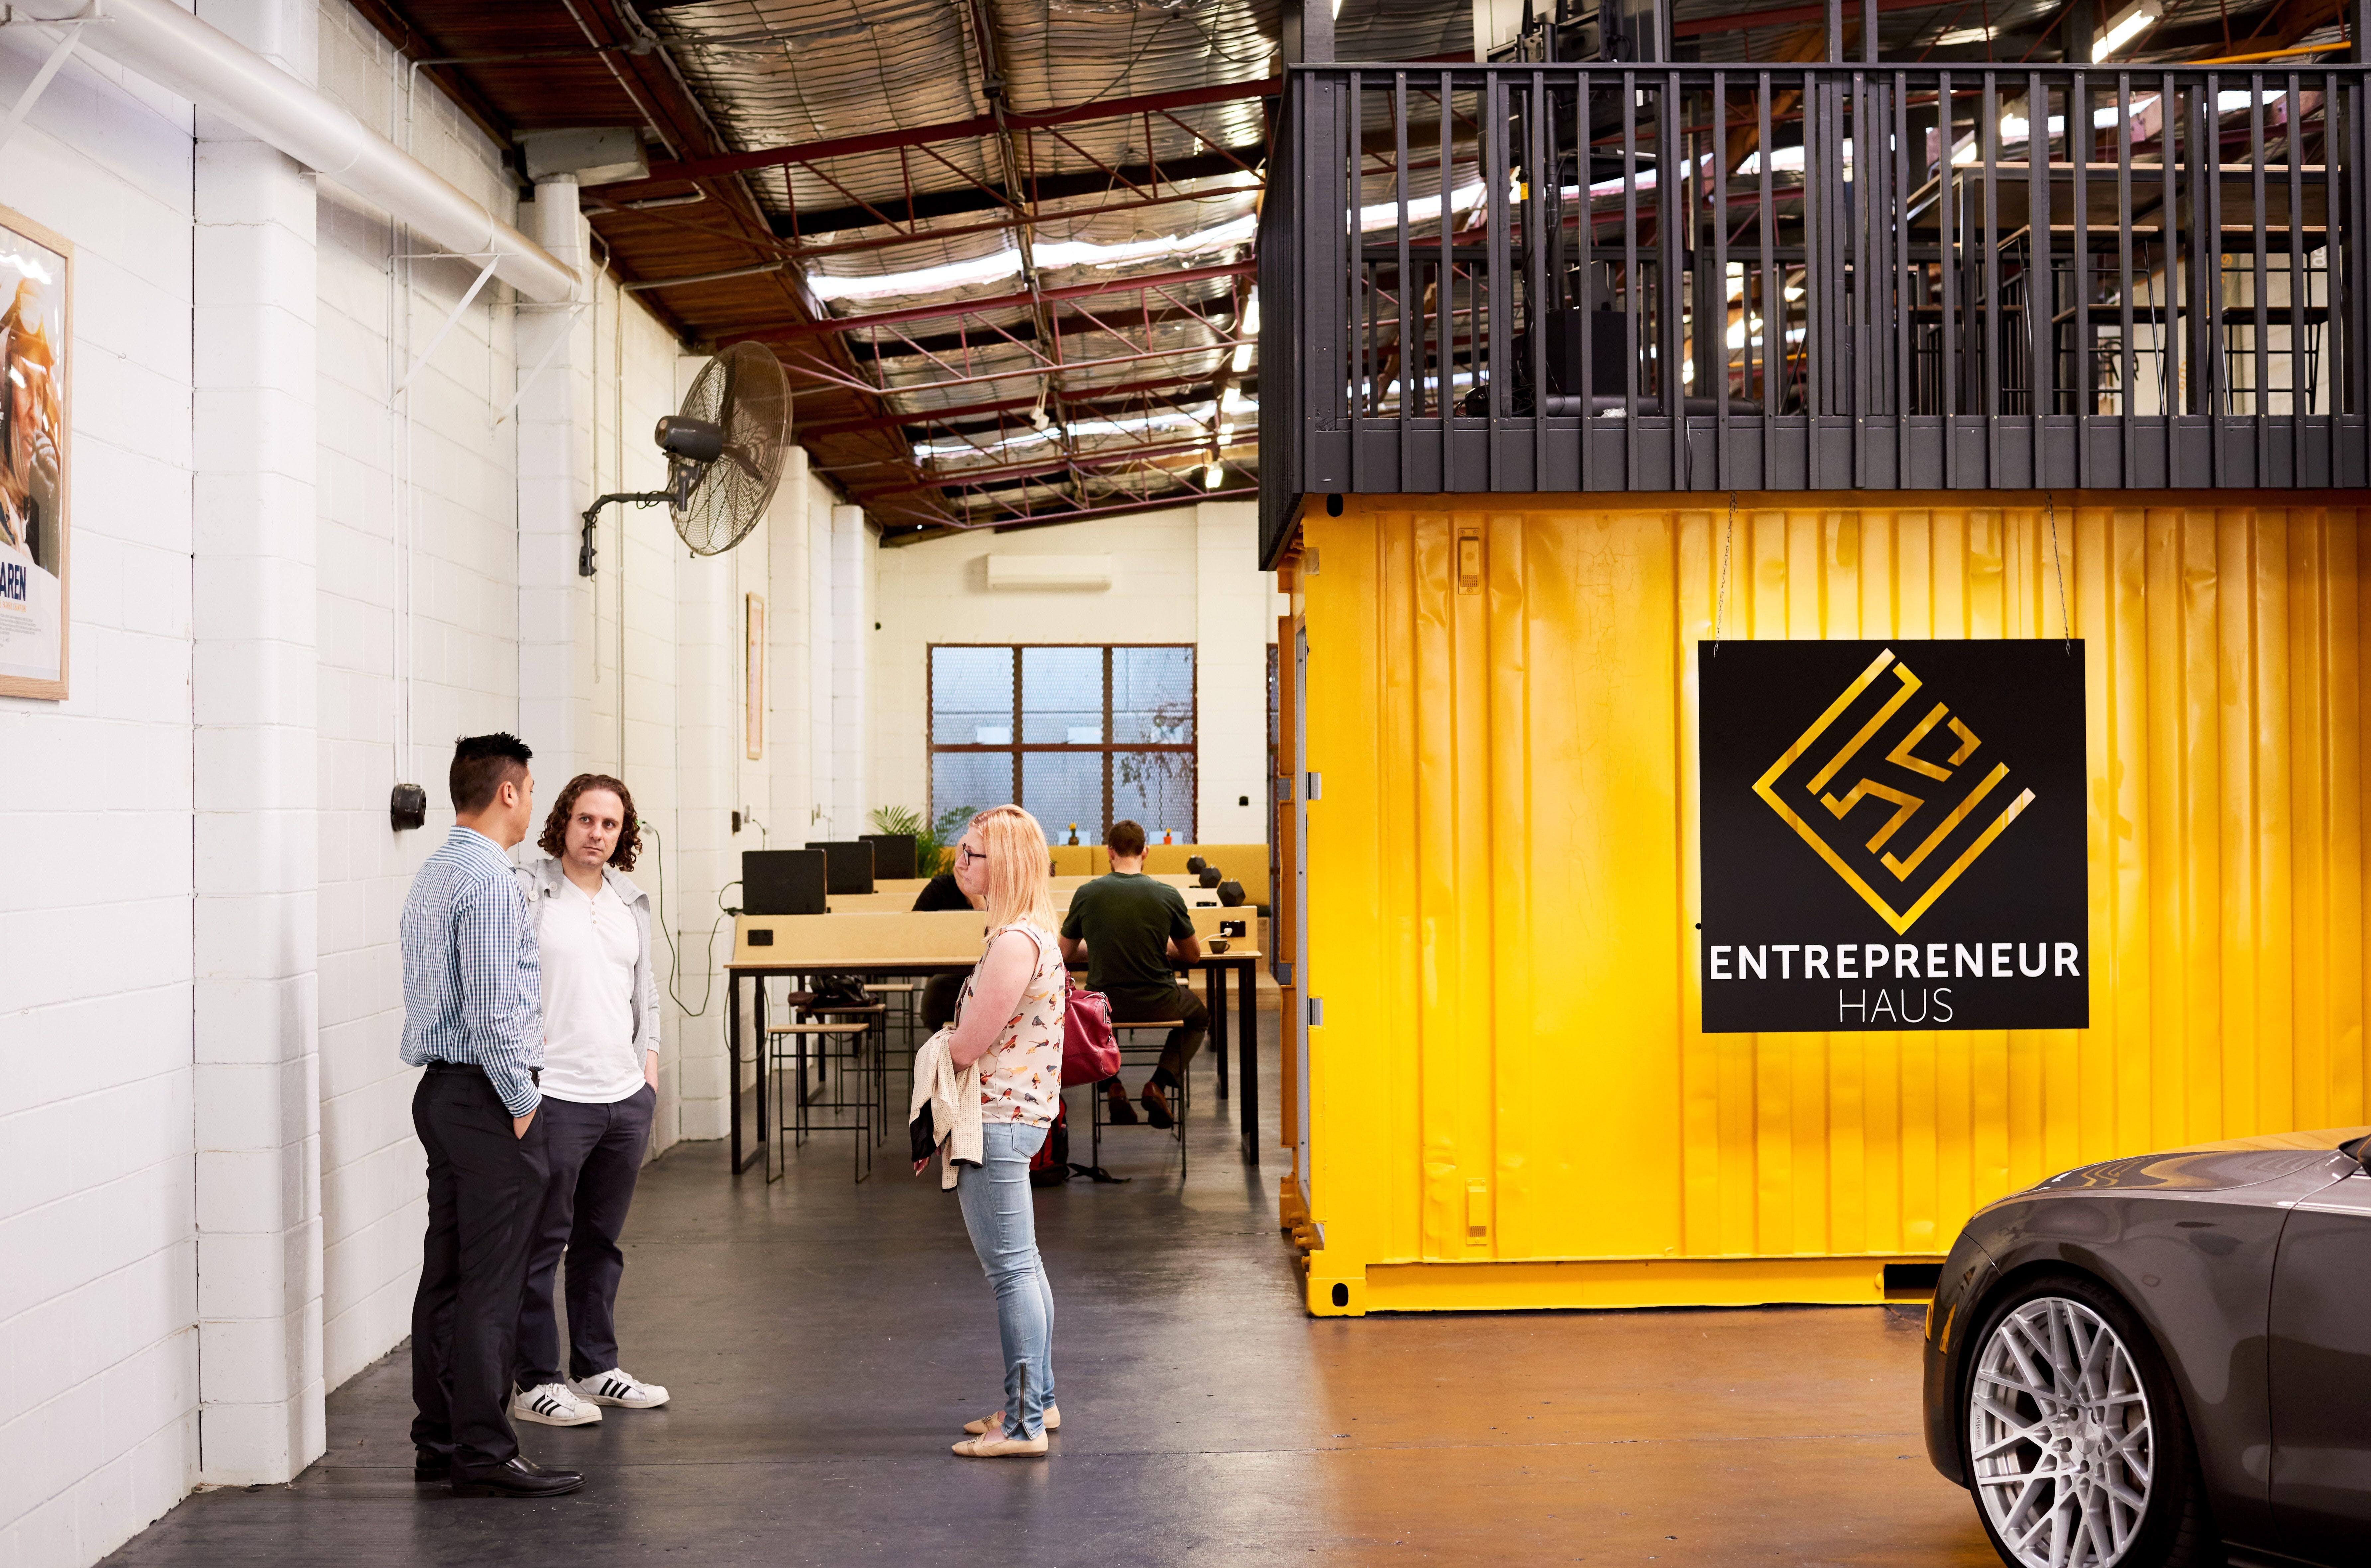 Coworking at Entrepreneur Haus, image 1